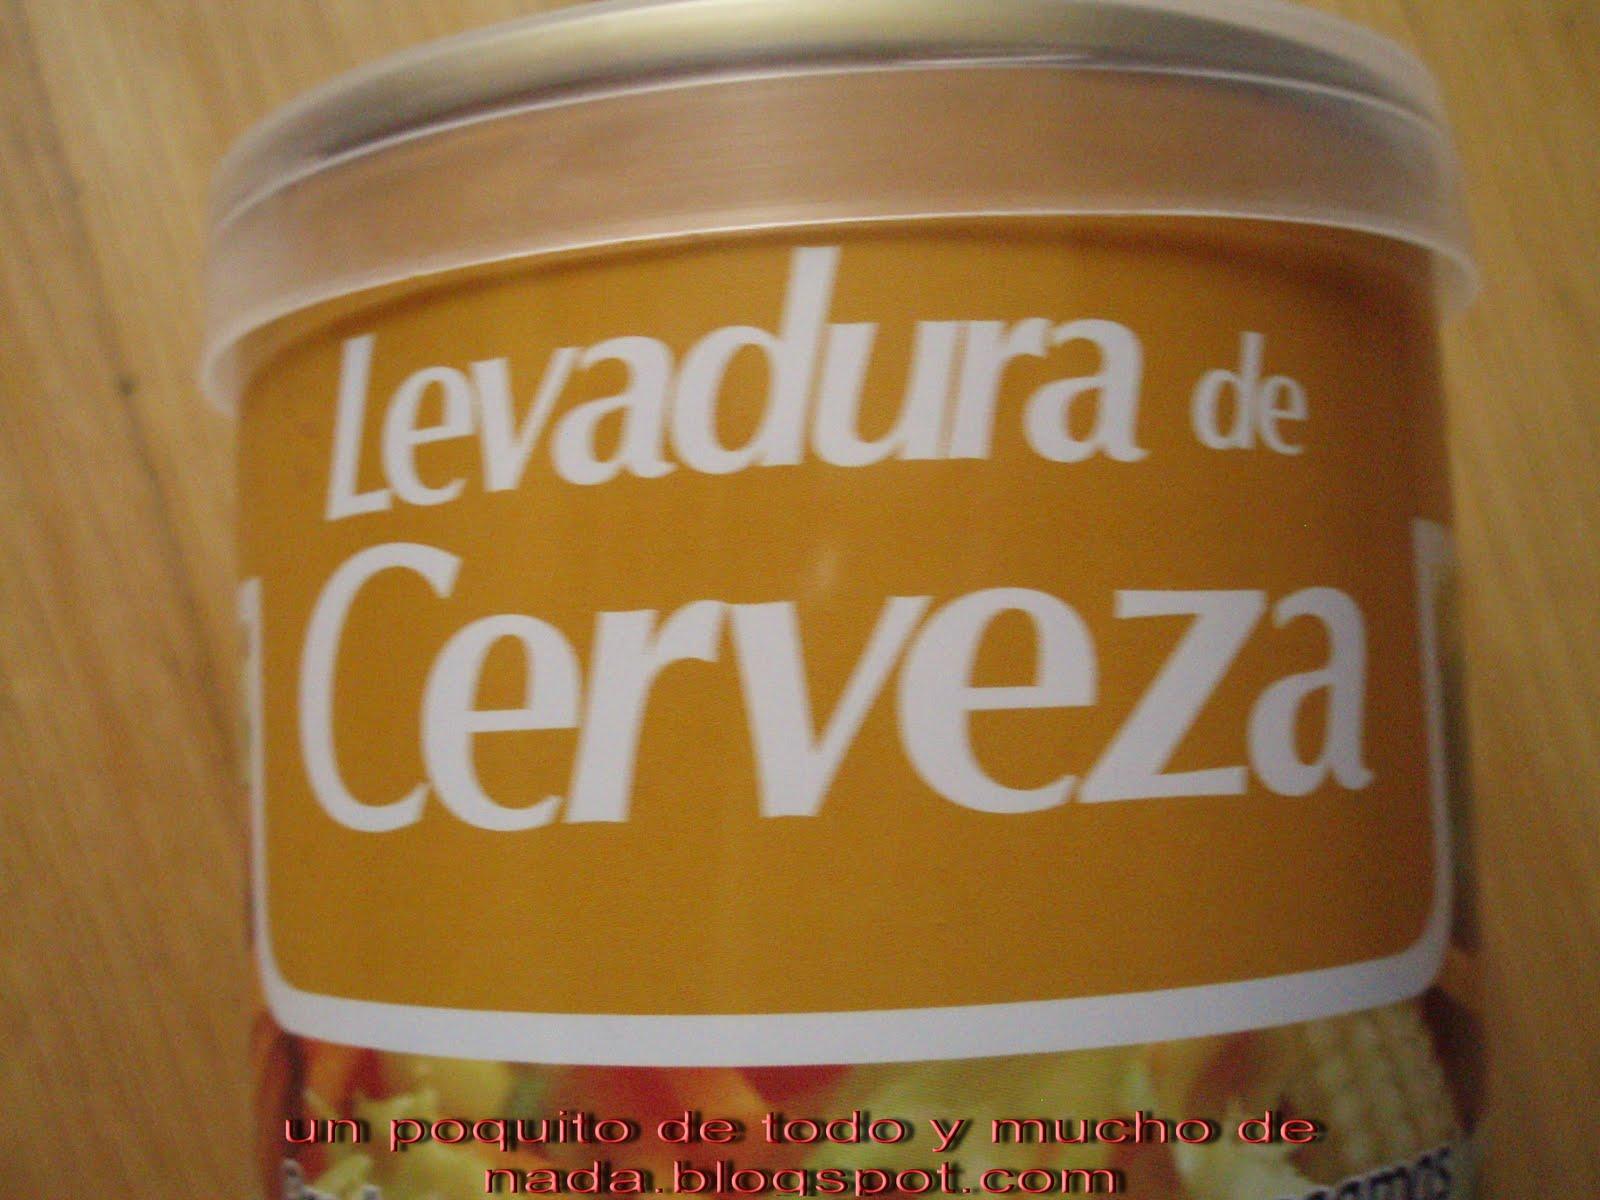 levadura cerveza propiedad: